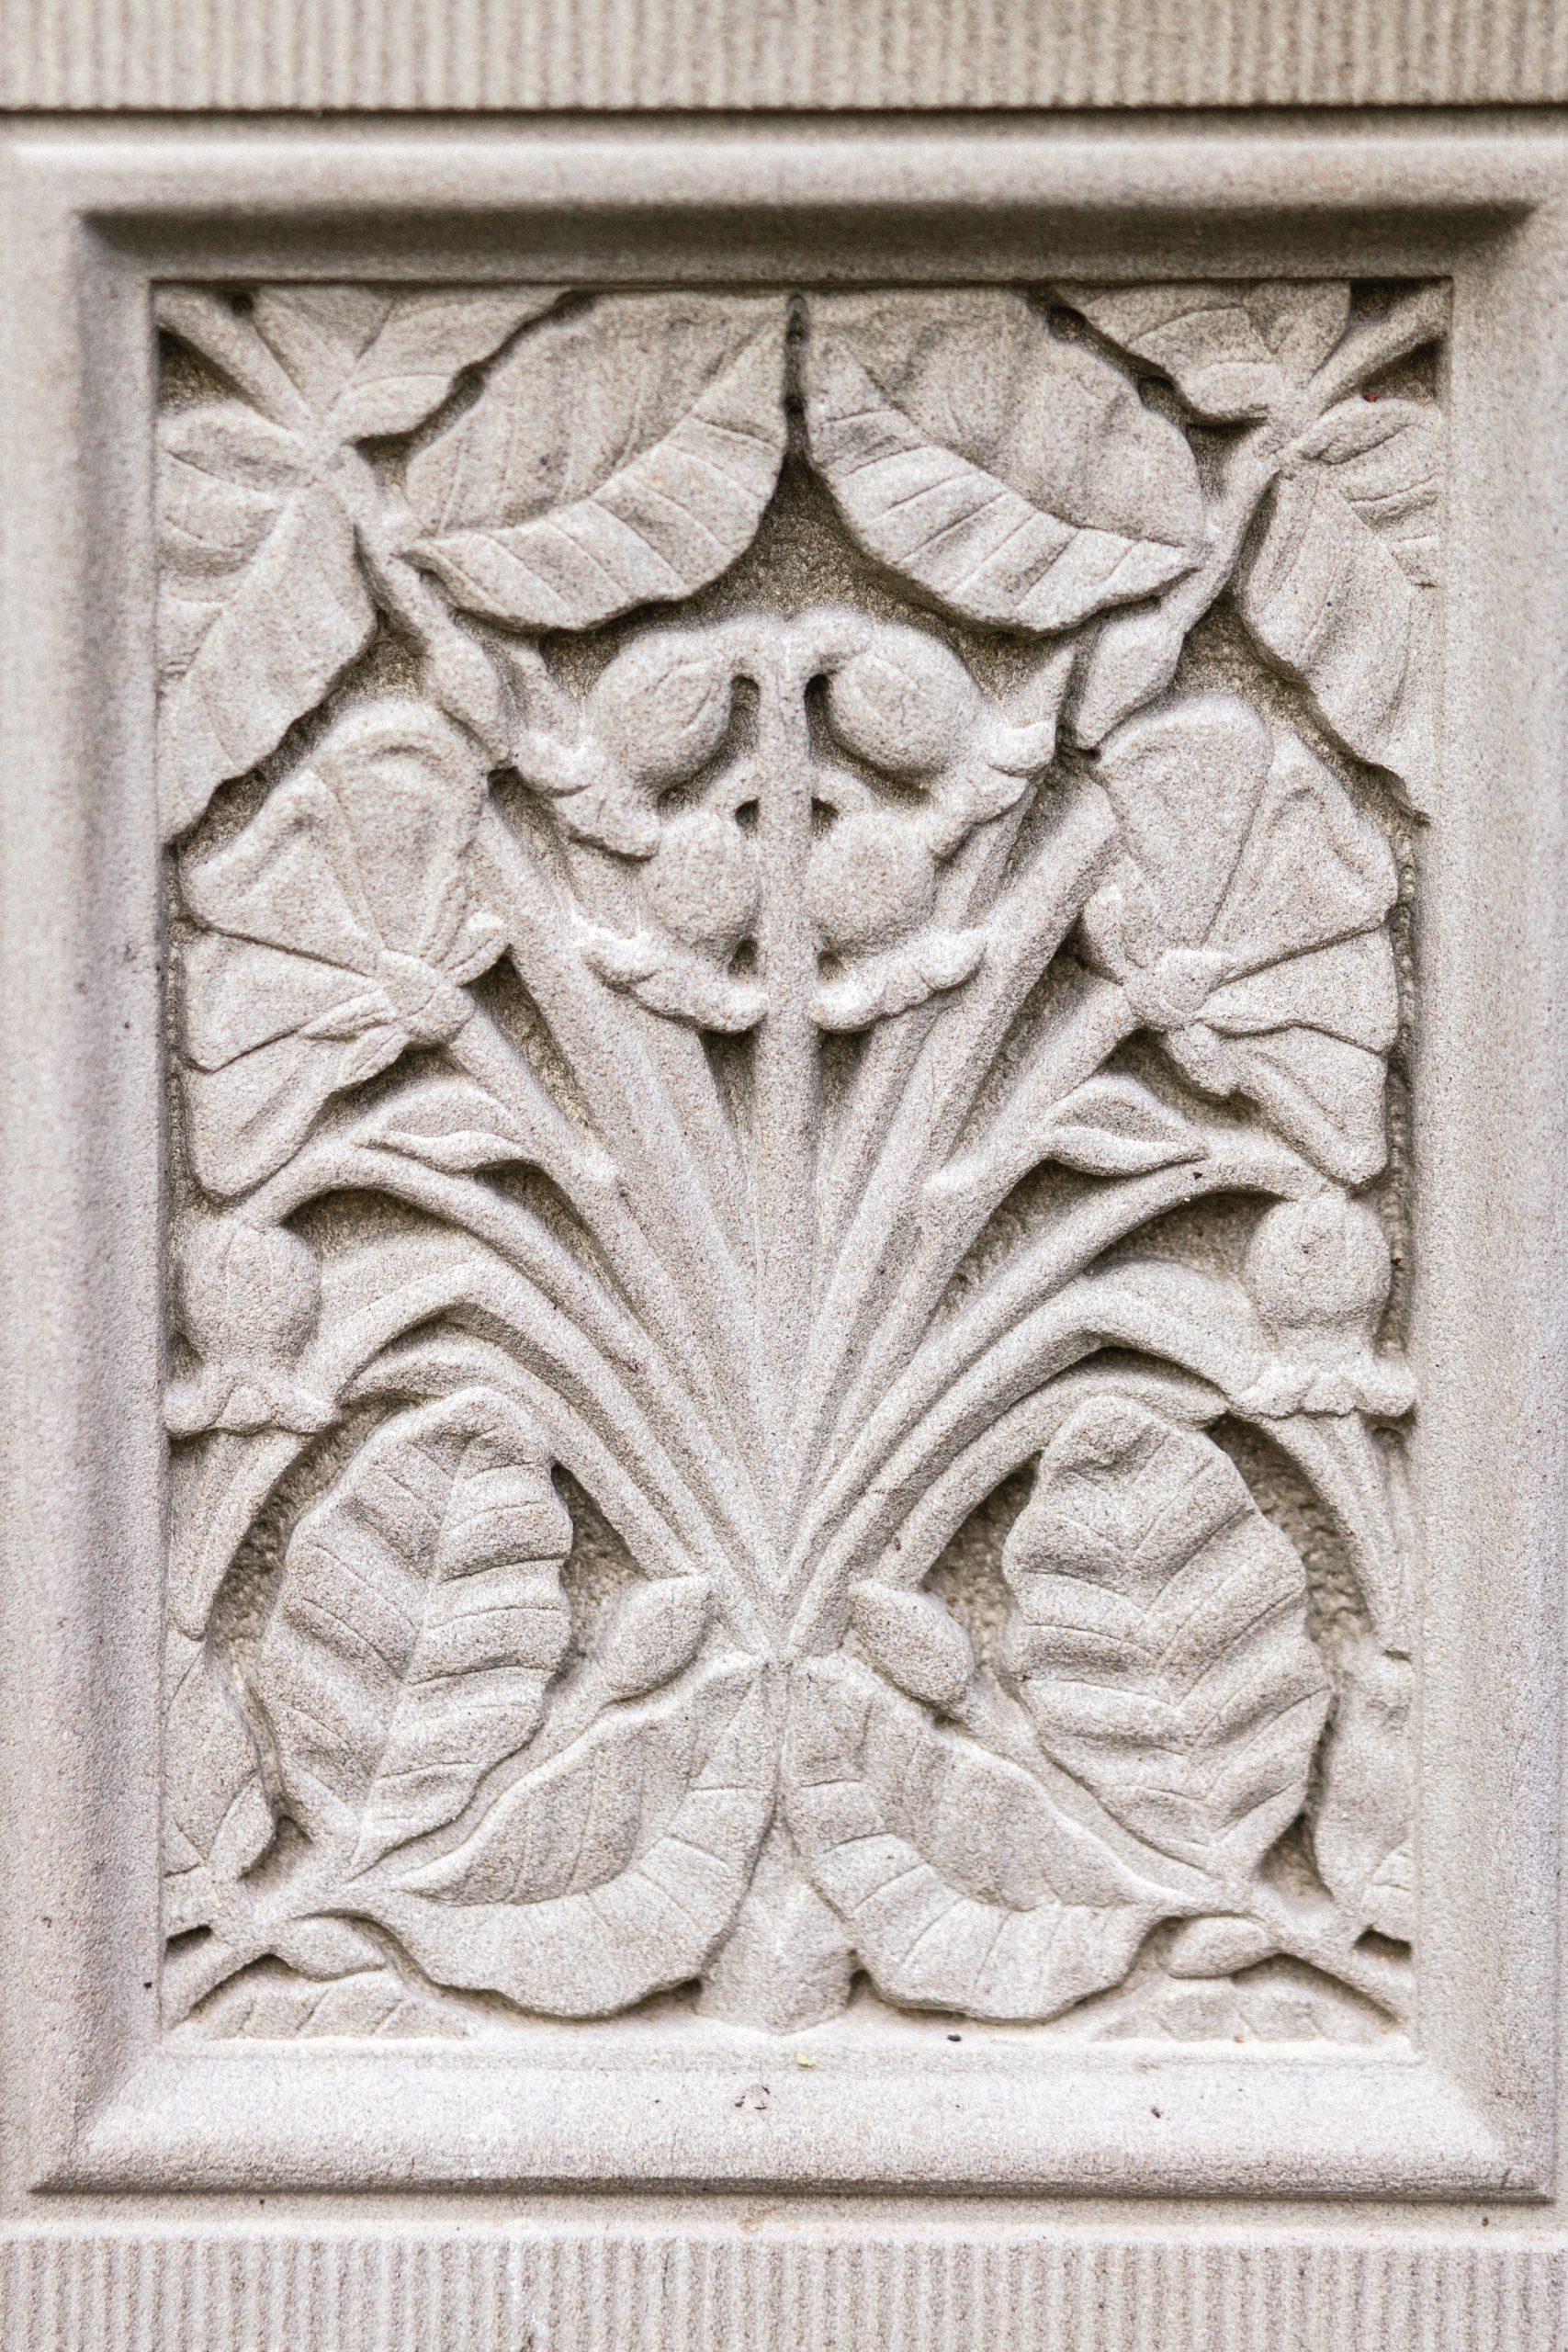 Award winning stone carving craftsmanship